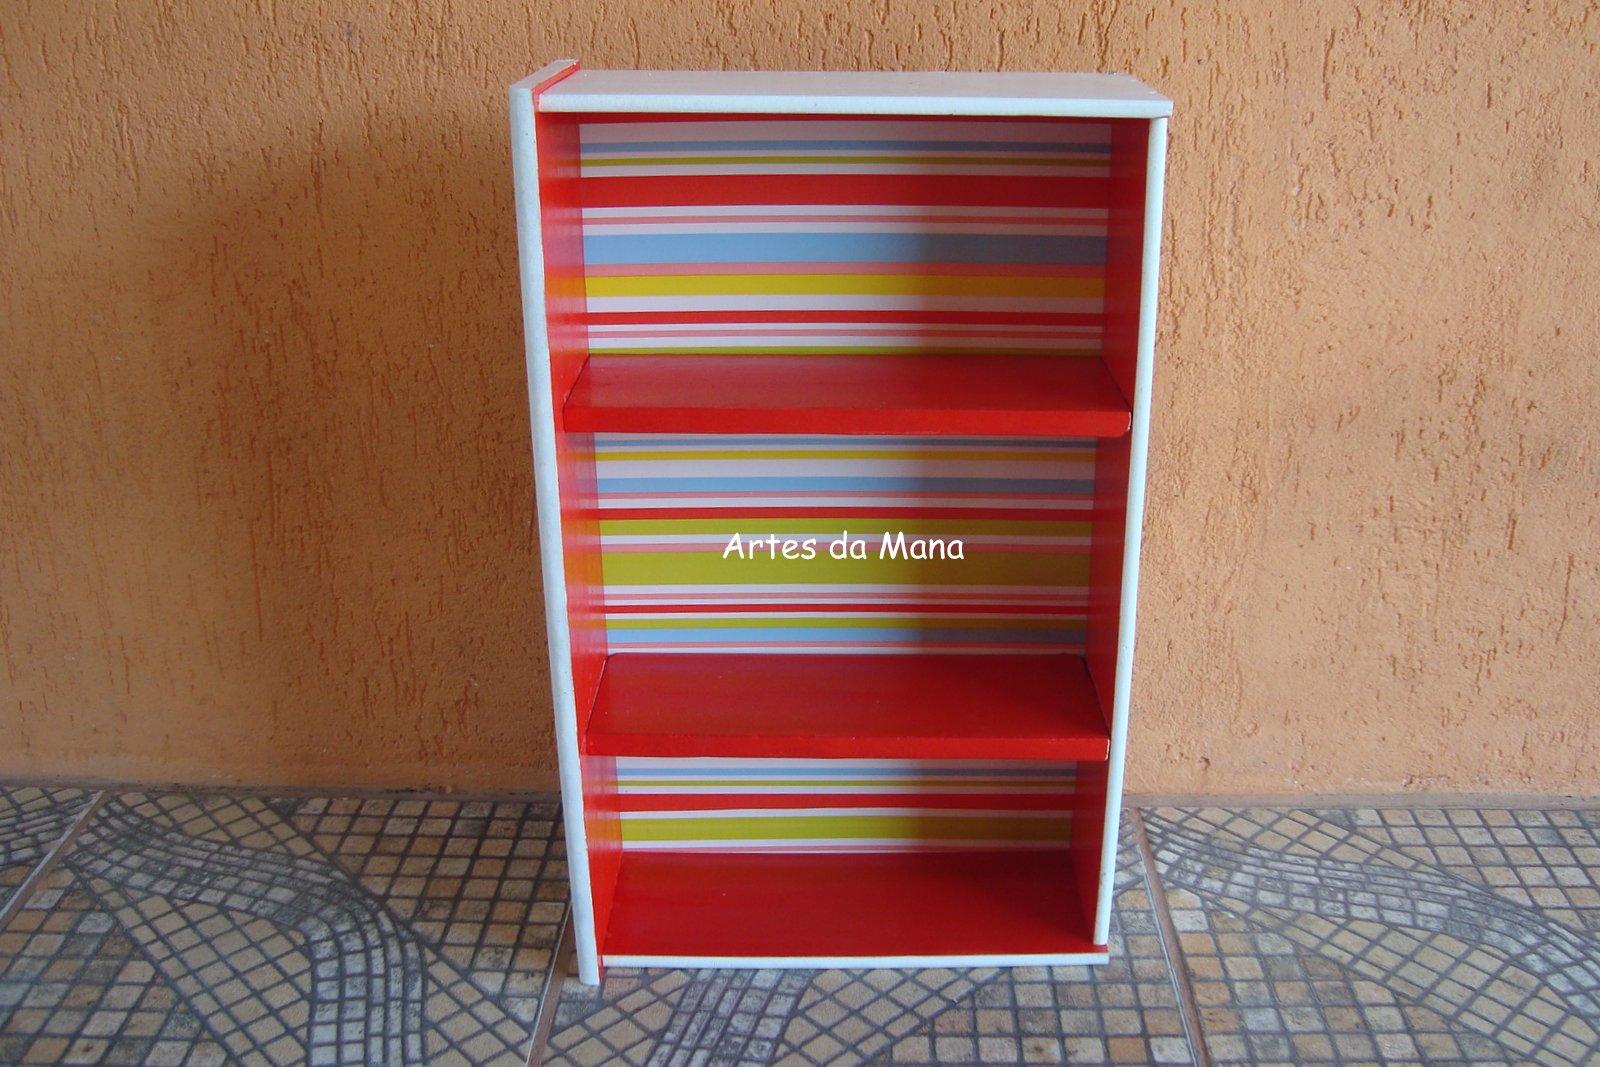 Imagens de #AD201E Meu Banheiro com Reciclagem ARTES DA MANA 1600x1067 px 2766 Box Banheiro Novo Hamburgo